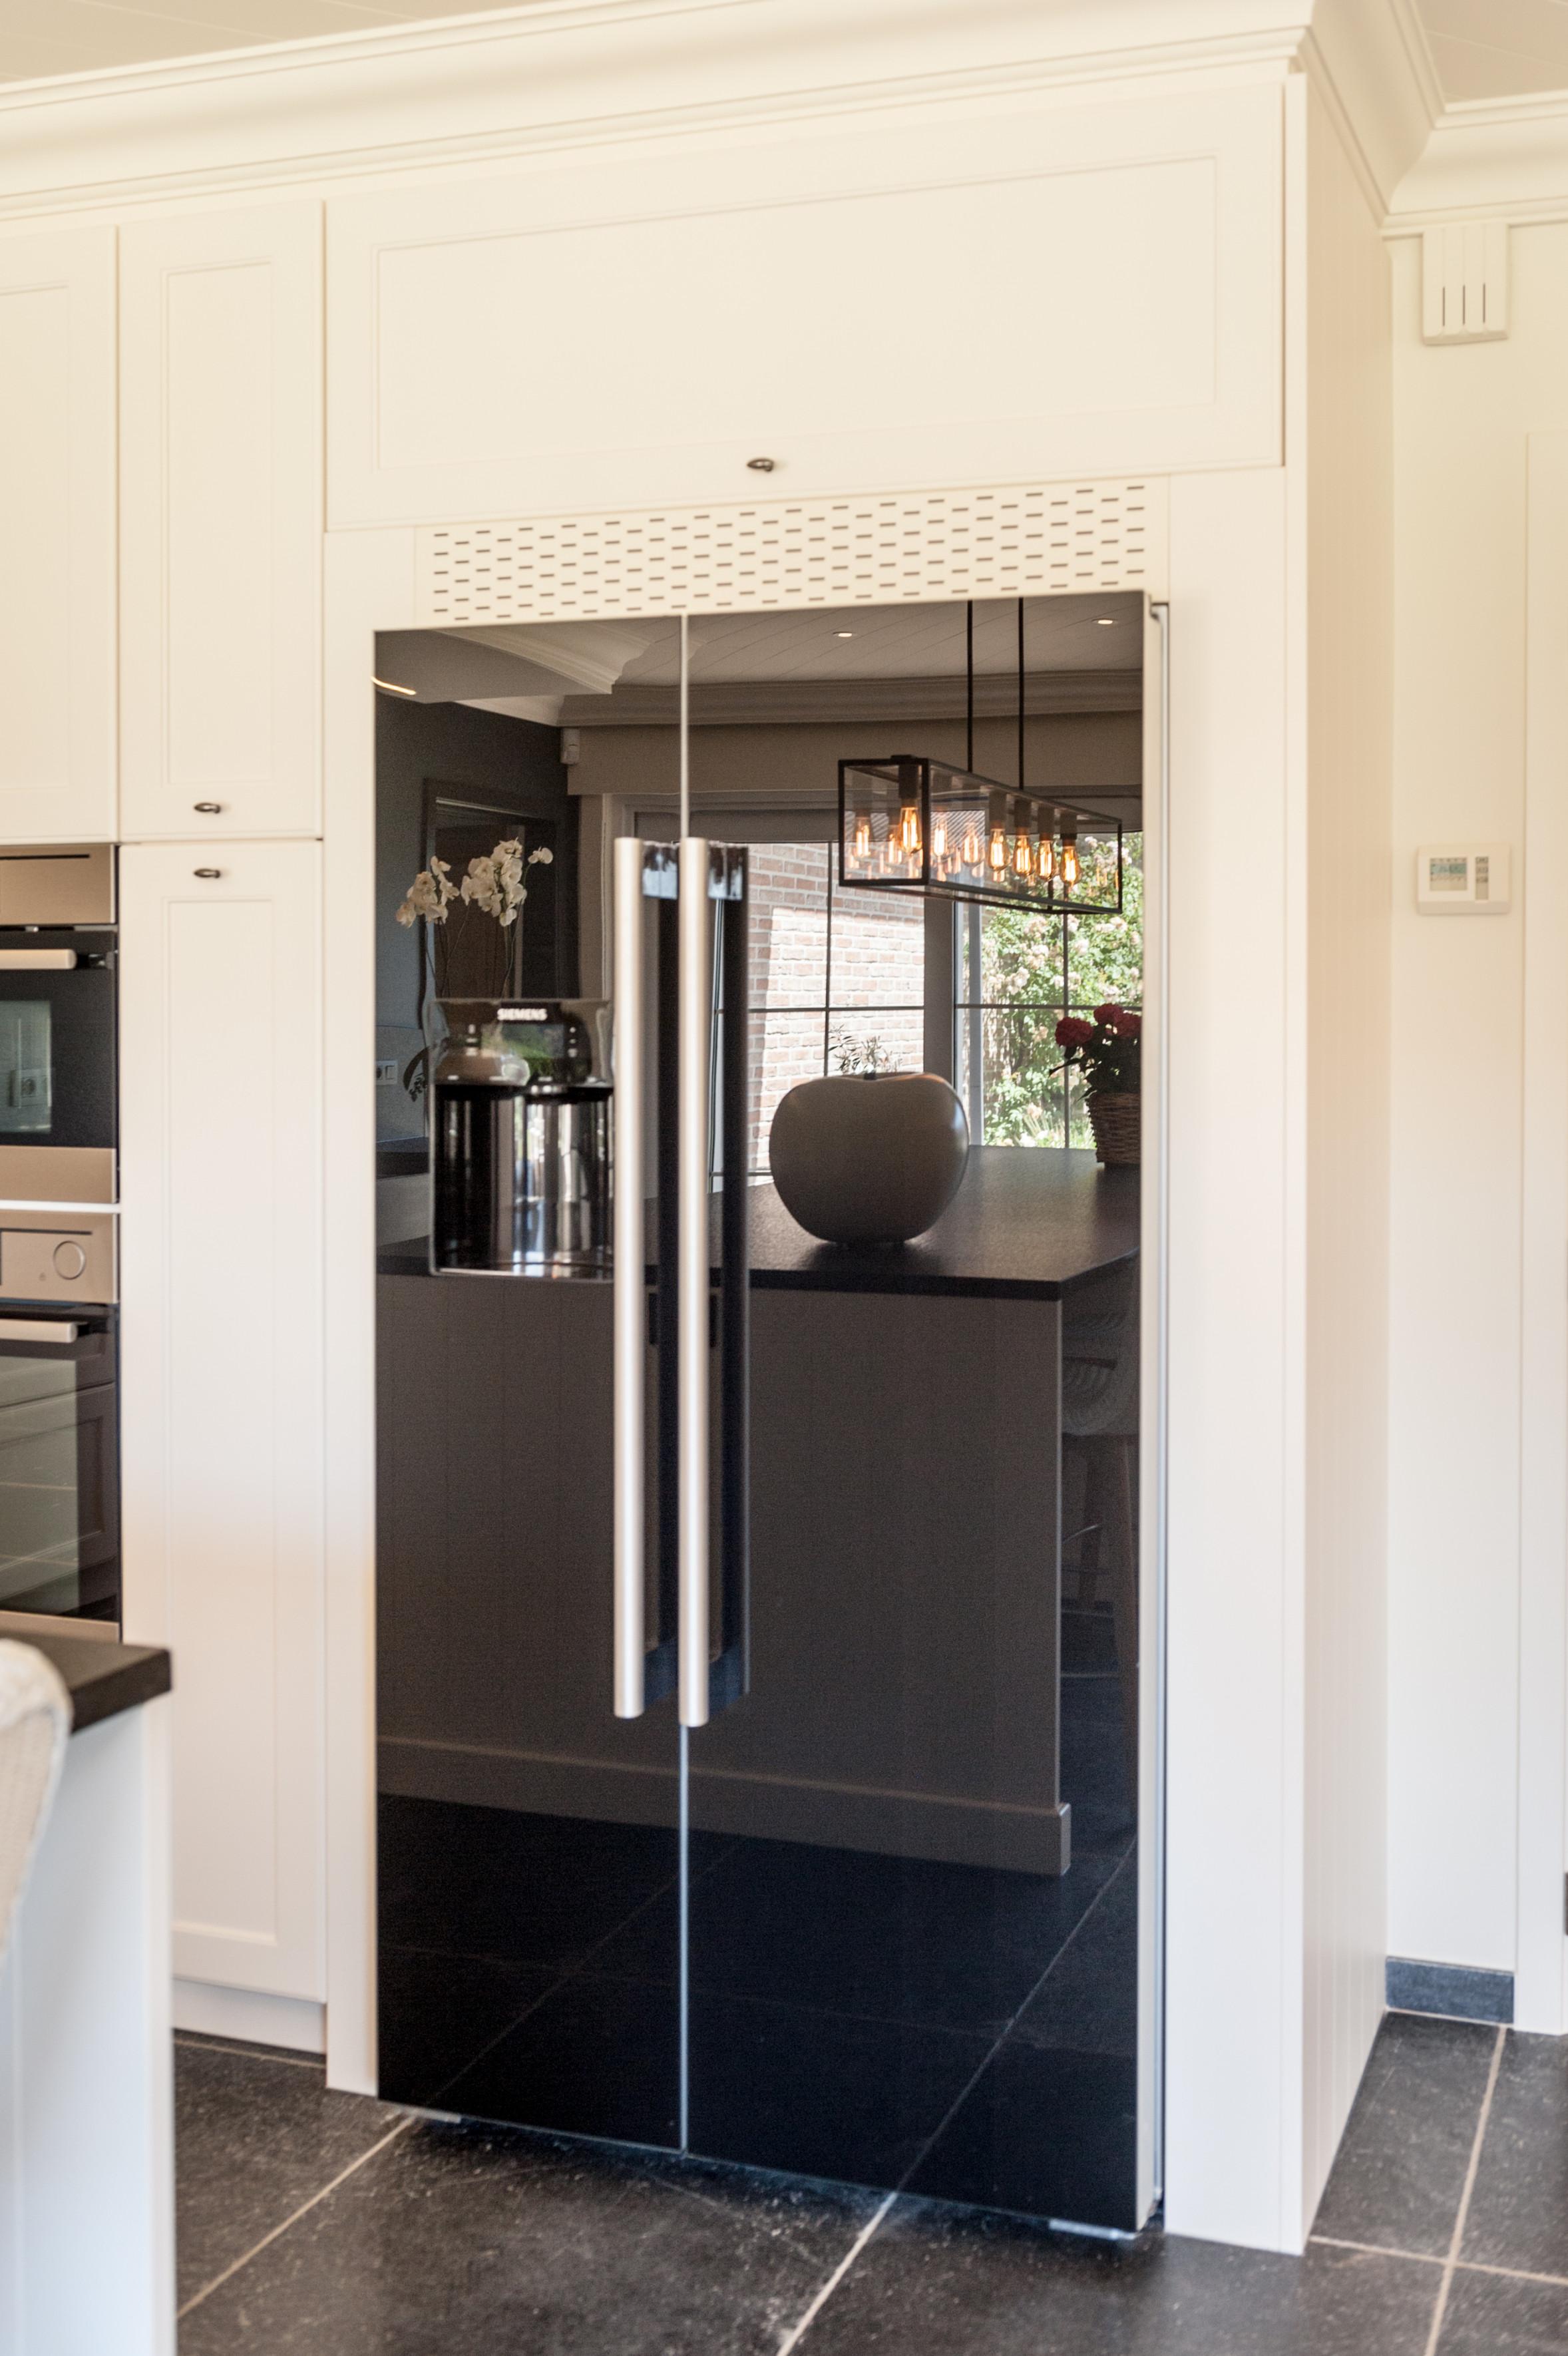 9 landelijke keuken amerikaanse koelkast.jpg